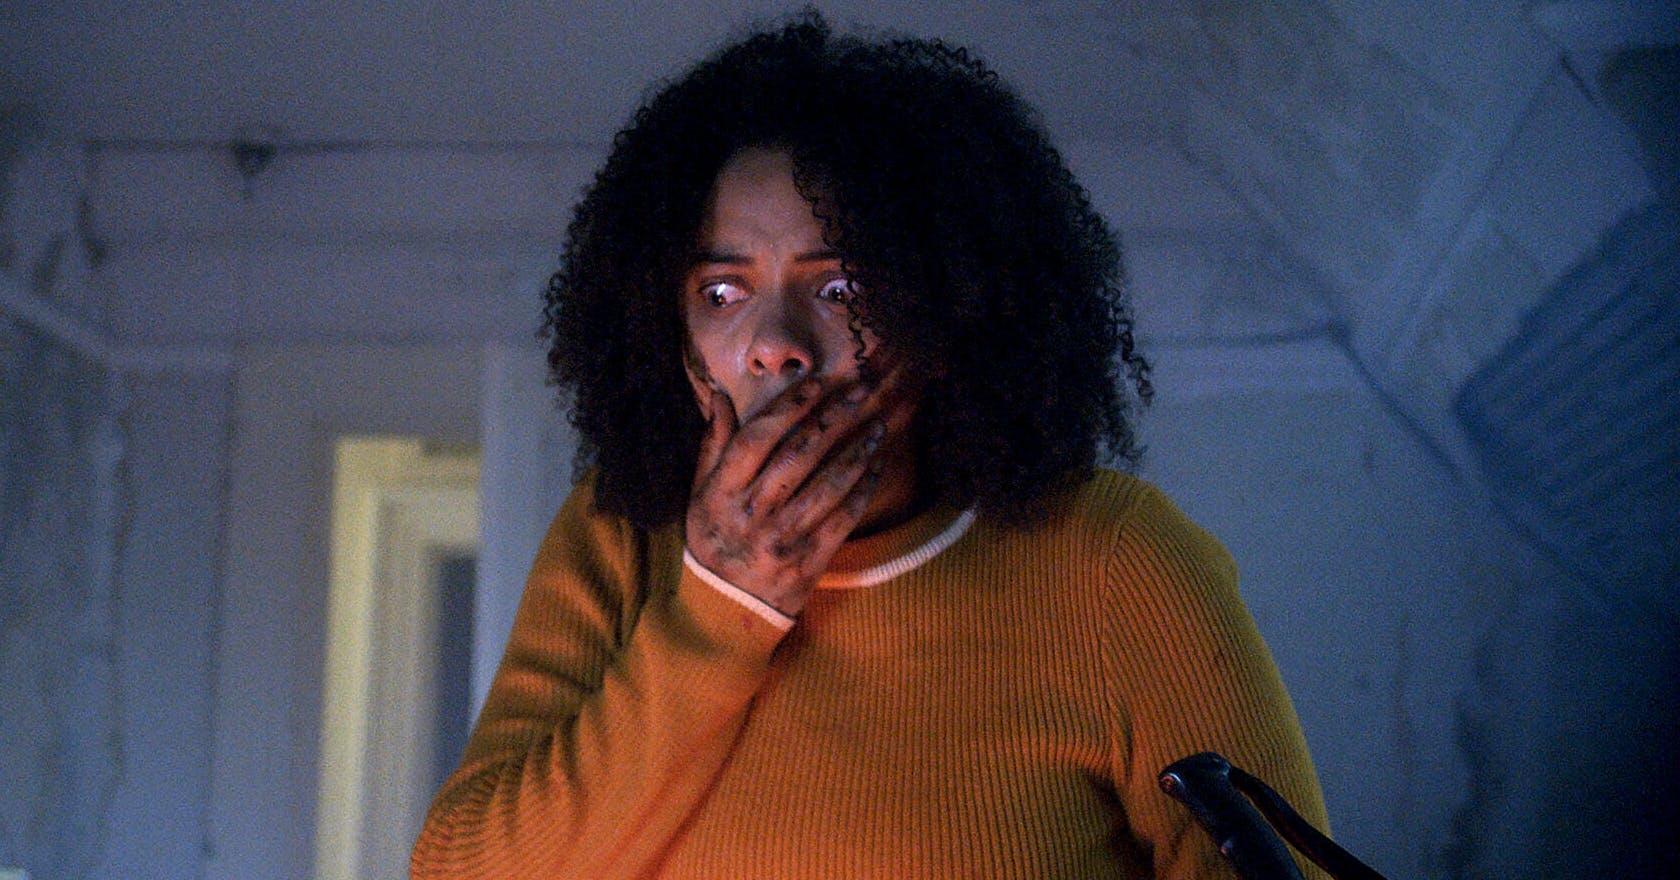 Meilleurs films d'horreur de 2020 sur Netflix et dans les cinémas